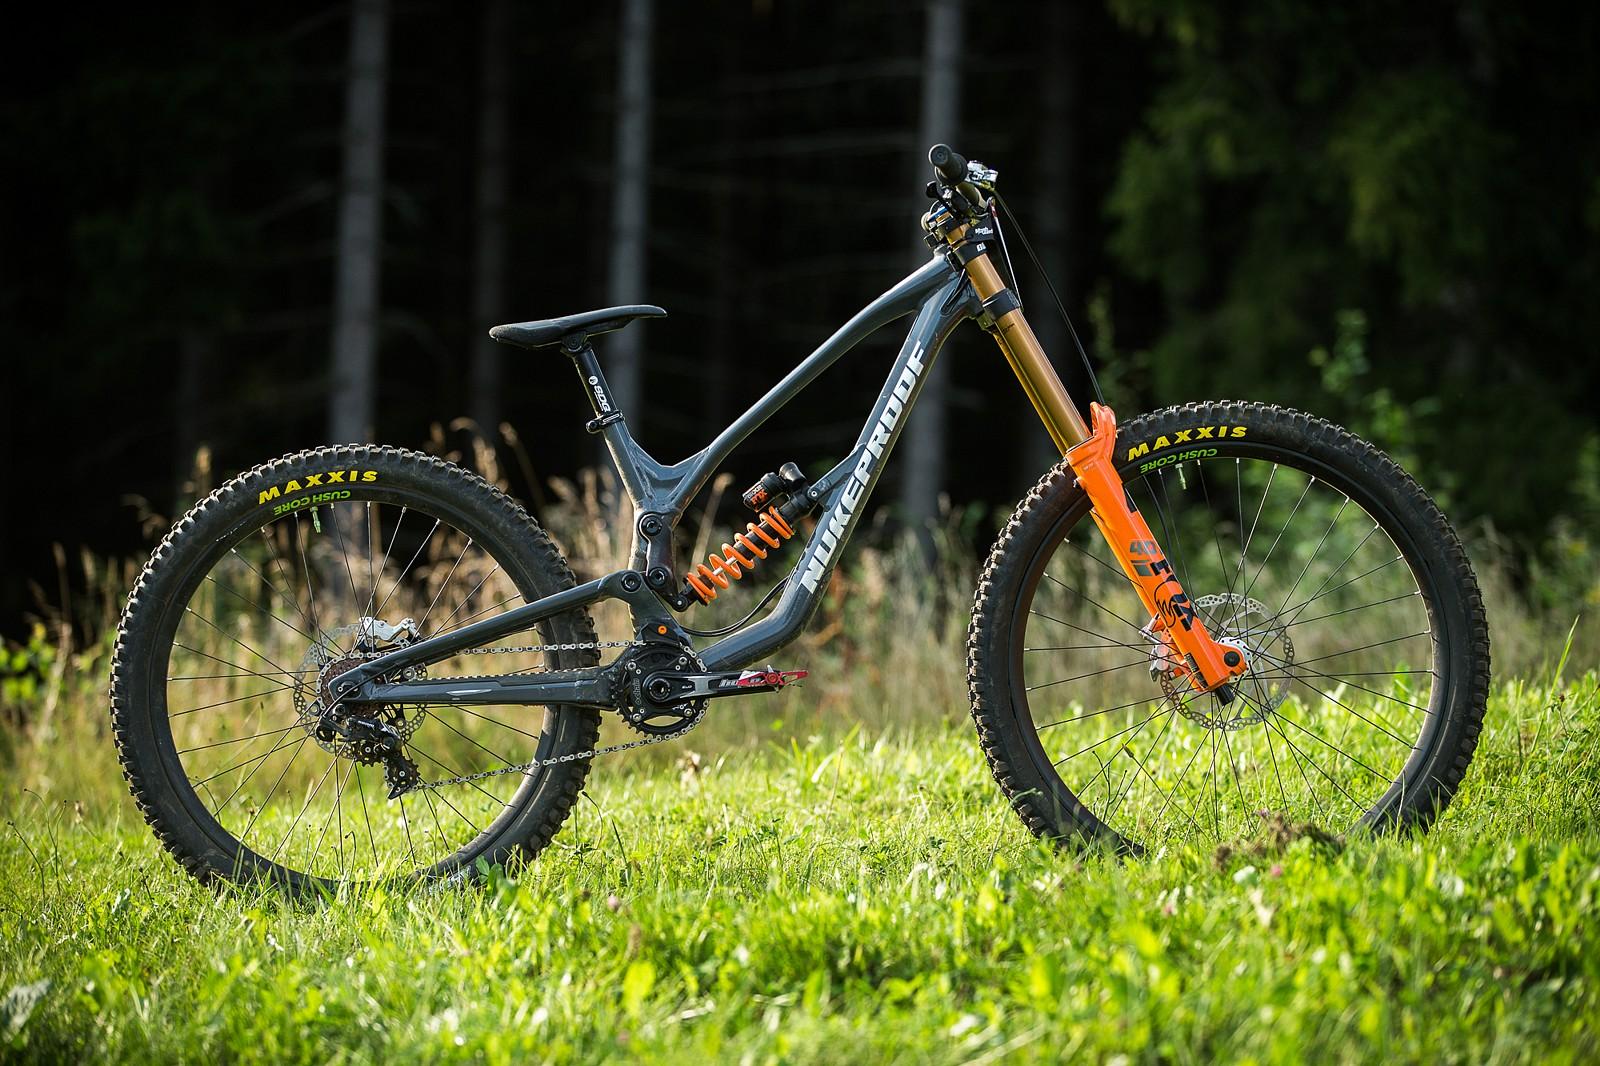 Adam Brayton's Nukeproof Dissent with Prototype Hope Brakes - Adam Brayton's Nukeproof Dissent with Prototype Hope Brakes - Mountain Biking Pictures - Vital MTB